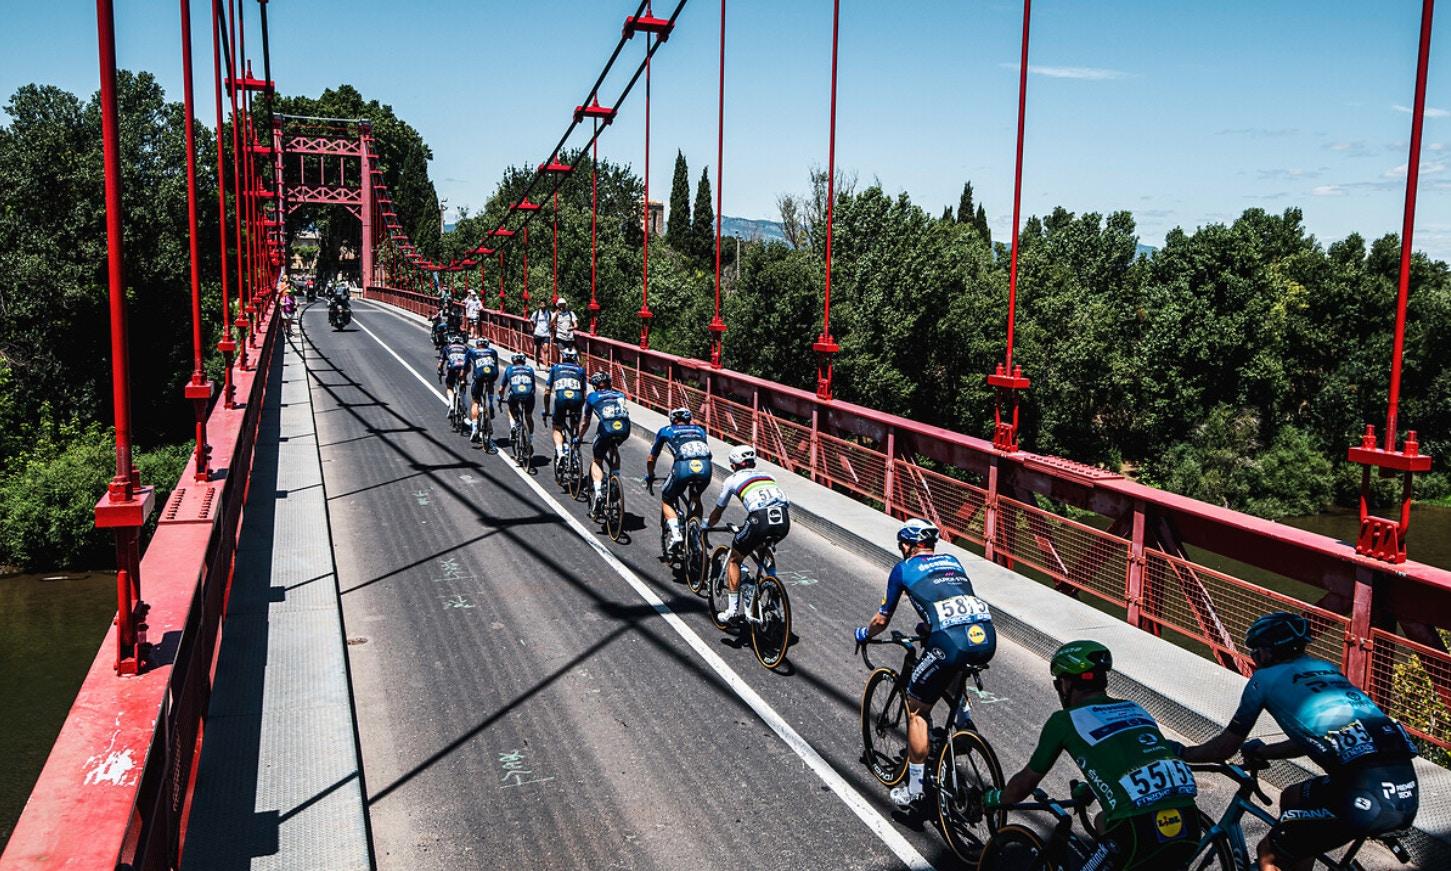 Tour de France 2021: stage 13 Recap